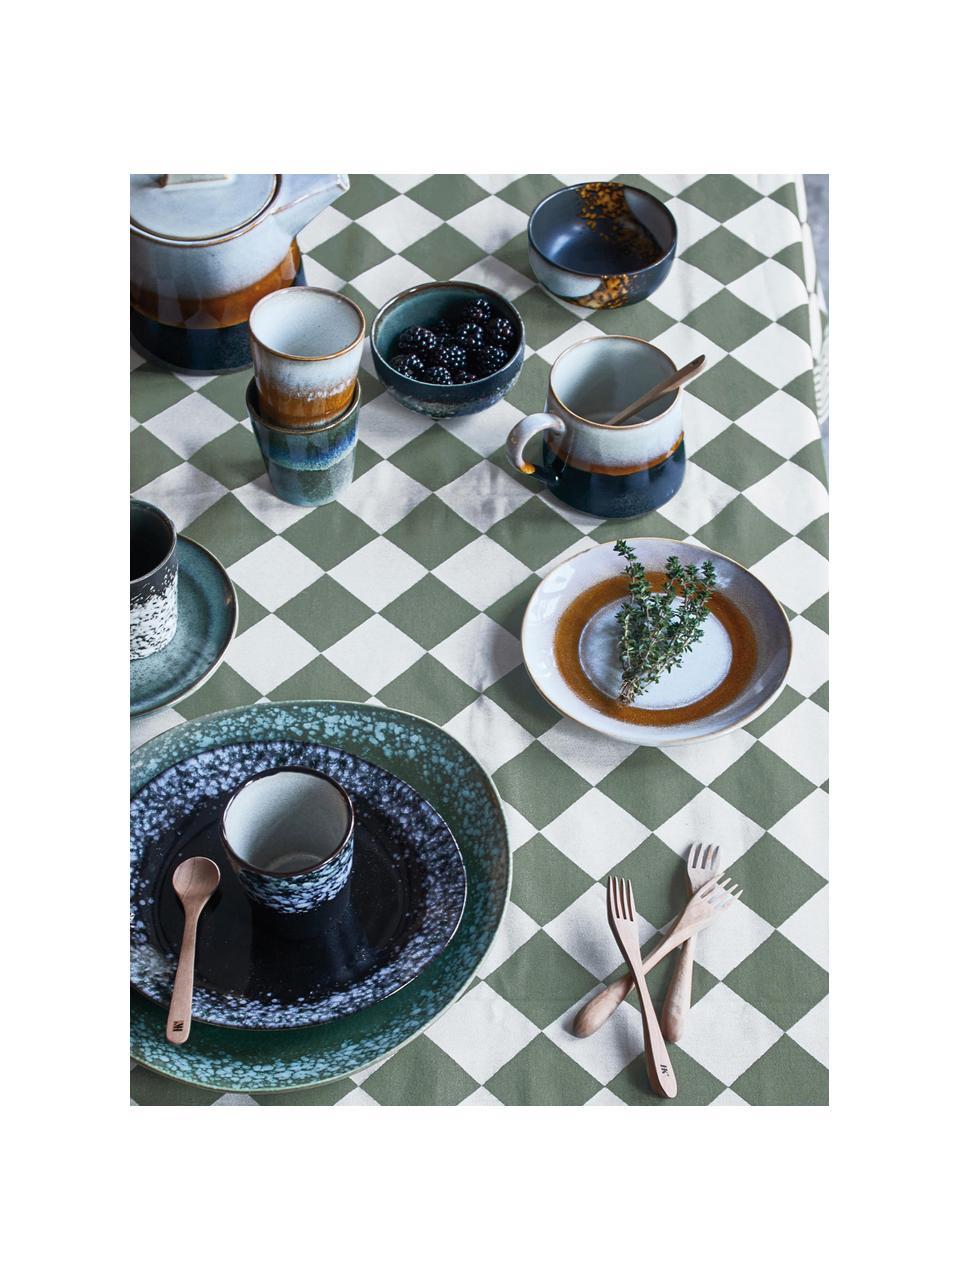 Handgemaakte taartplaten 70's in retro stijl, 2 stuks, Keramiek, Wit, oranje, Ø 18 cm